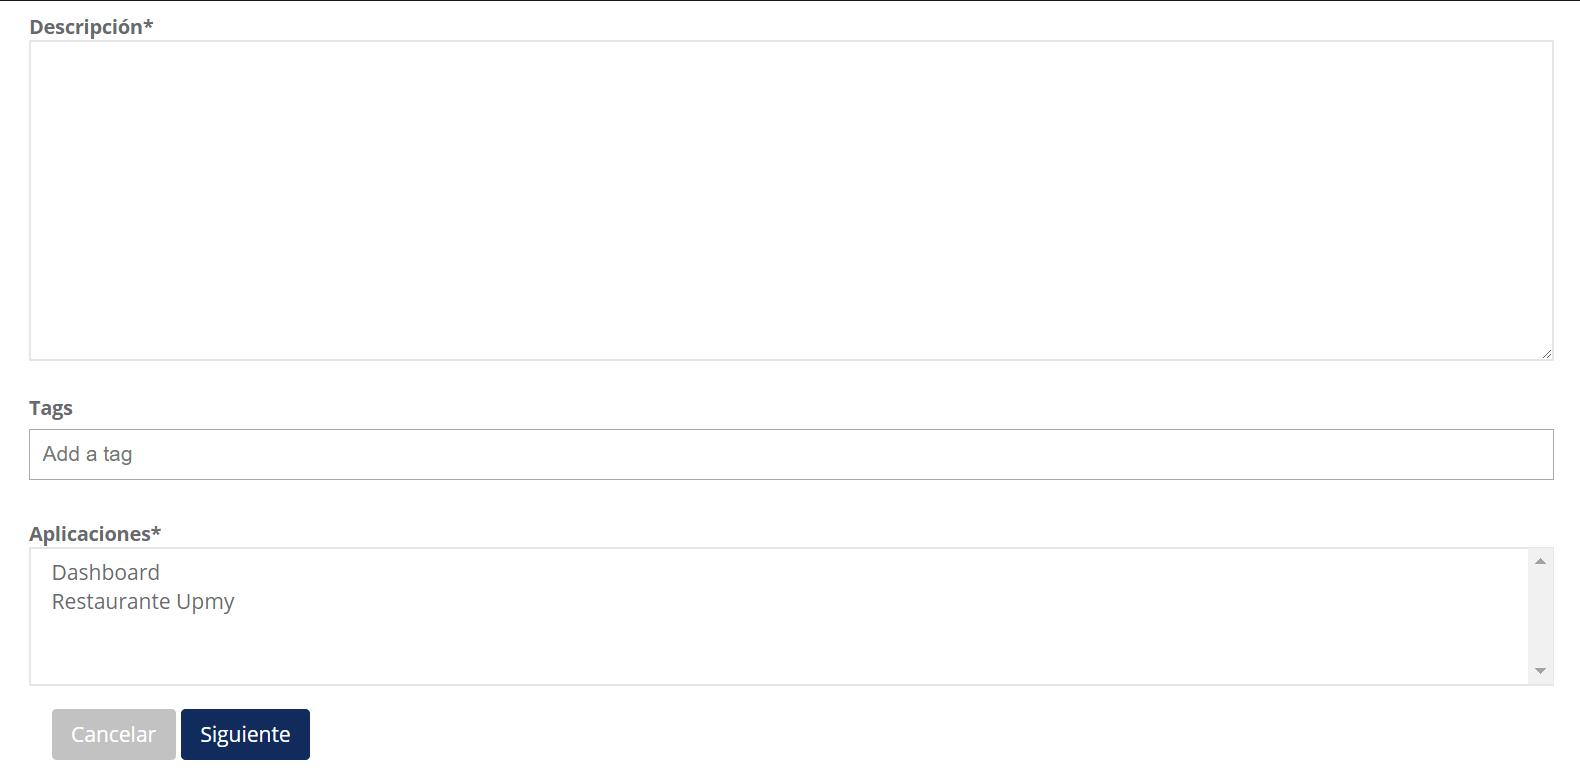 Cómo publicar un evento en mi app